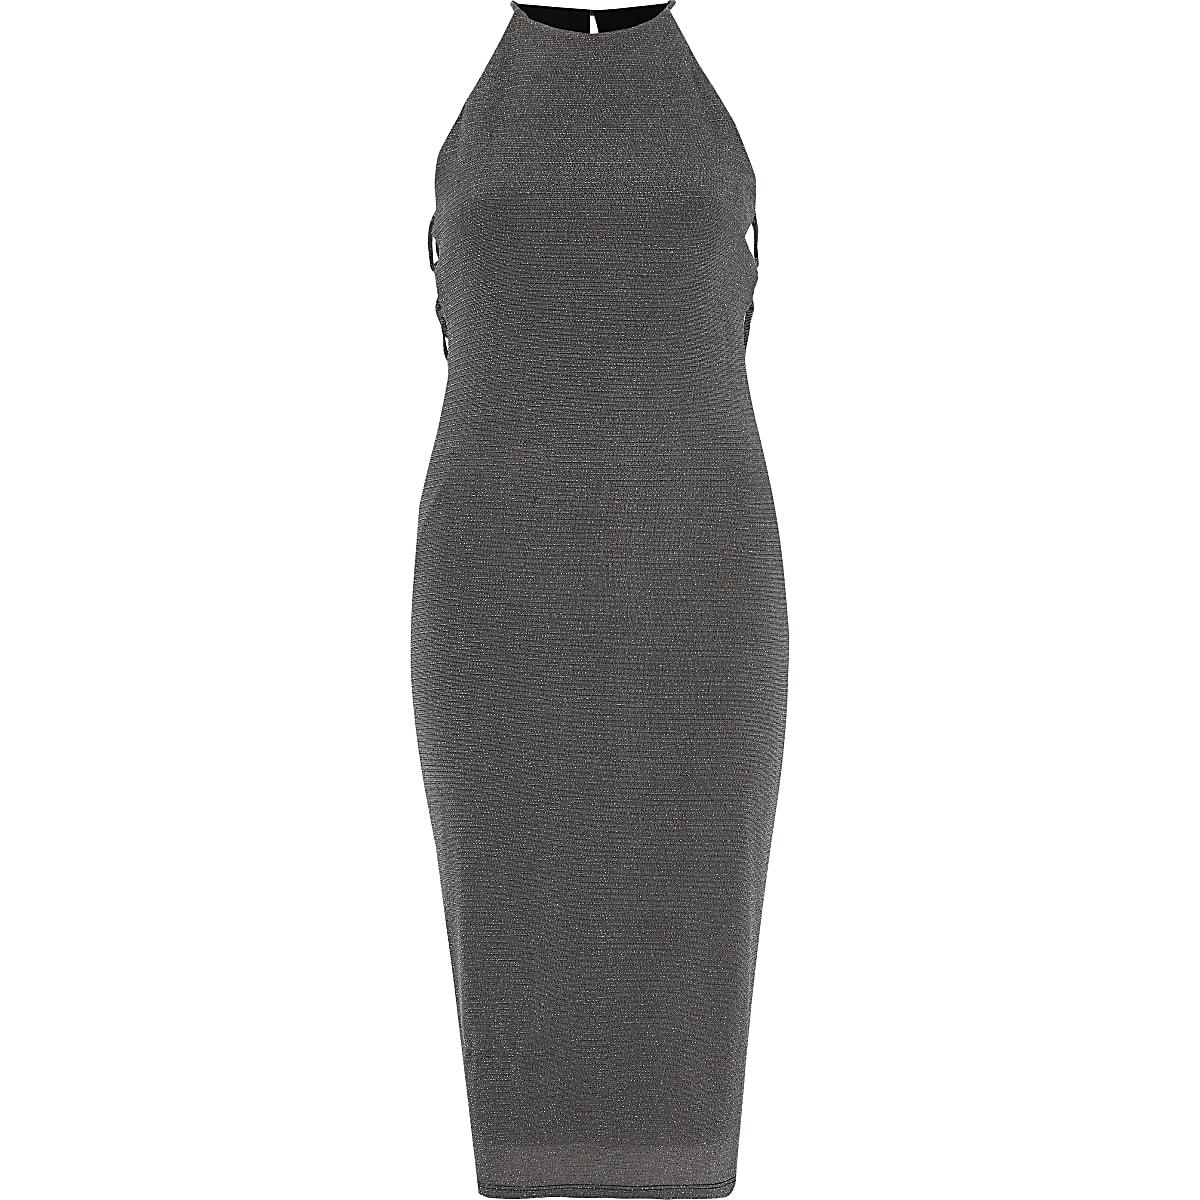 2fe35b7d860206 Zilverkleurige jersey mini-jurk met glitter - Bodyconjurken - Jurken ...